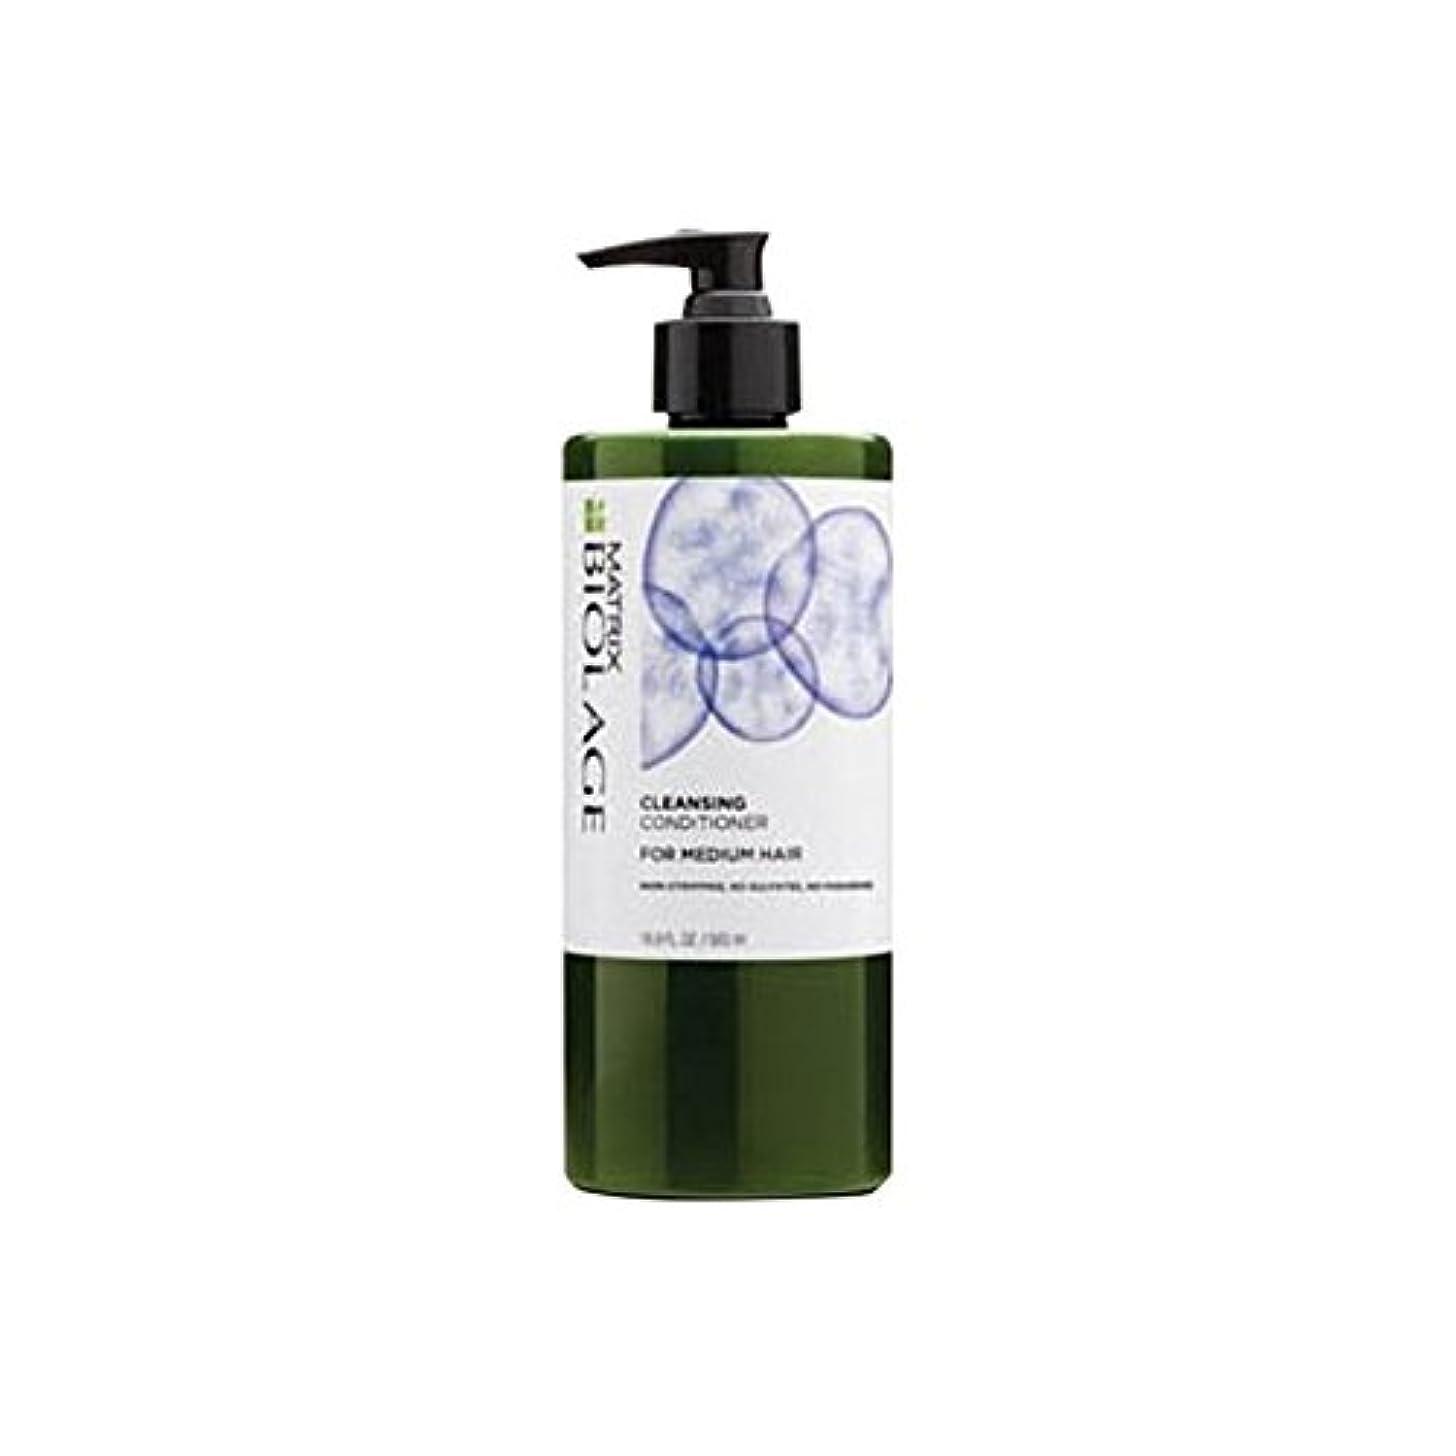 リスク住む囚人マトリックスバイオレイジクレンジングコンディショナー - メディア髪(500ミリリットル) x4 - Matrix Biolage Cleansing Conditioner - Medium Hair (500ml)...